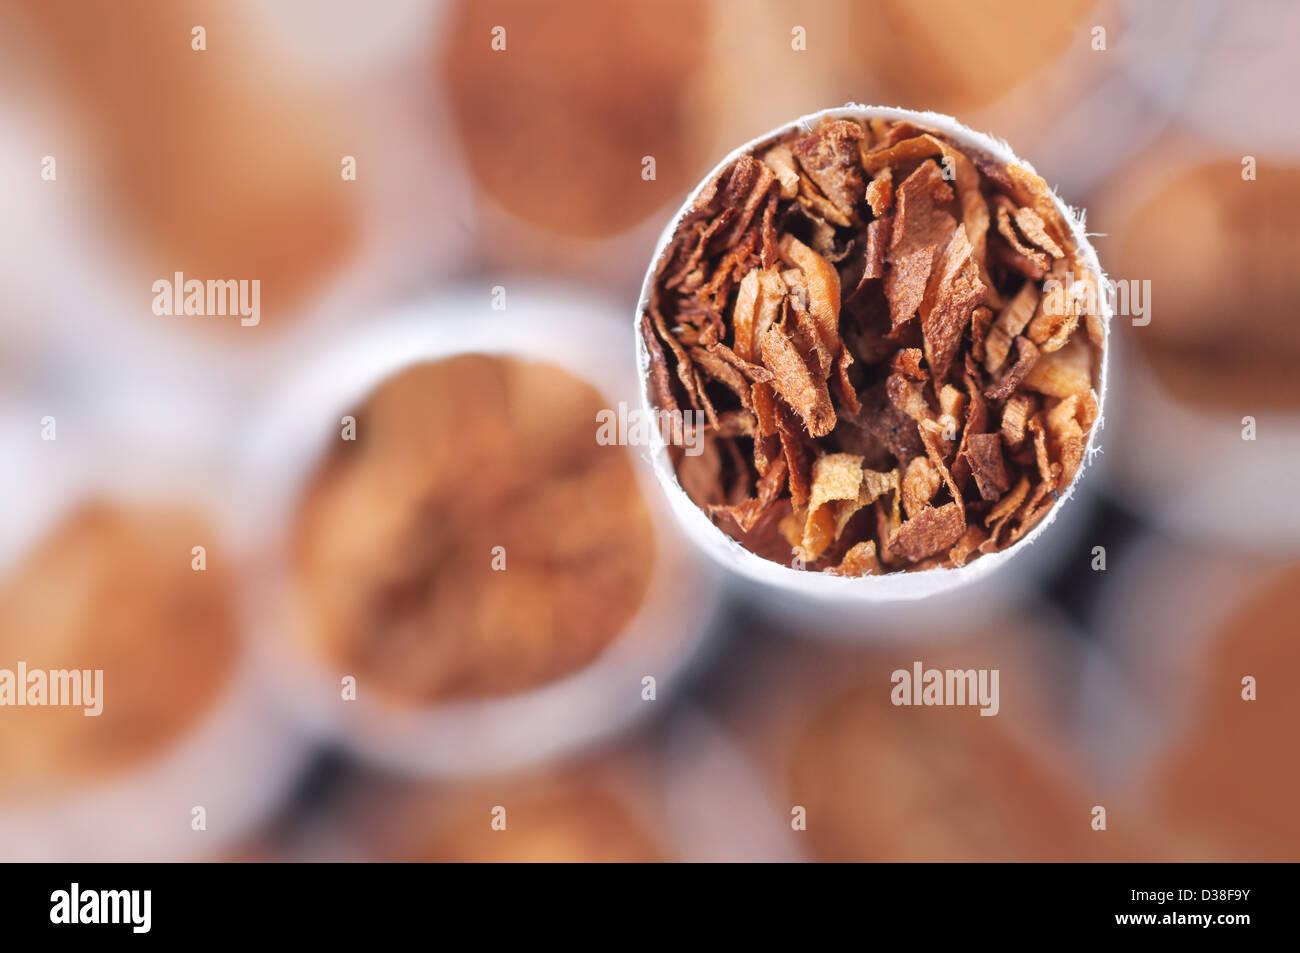 Tabak in Zigaretten hautnah Stockbild